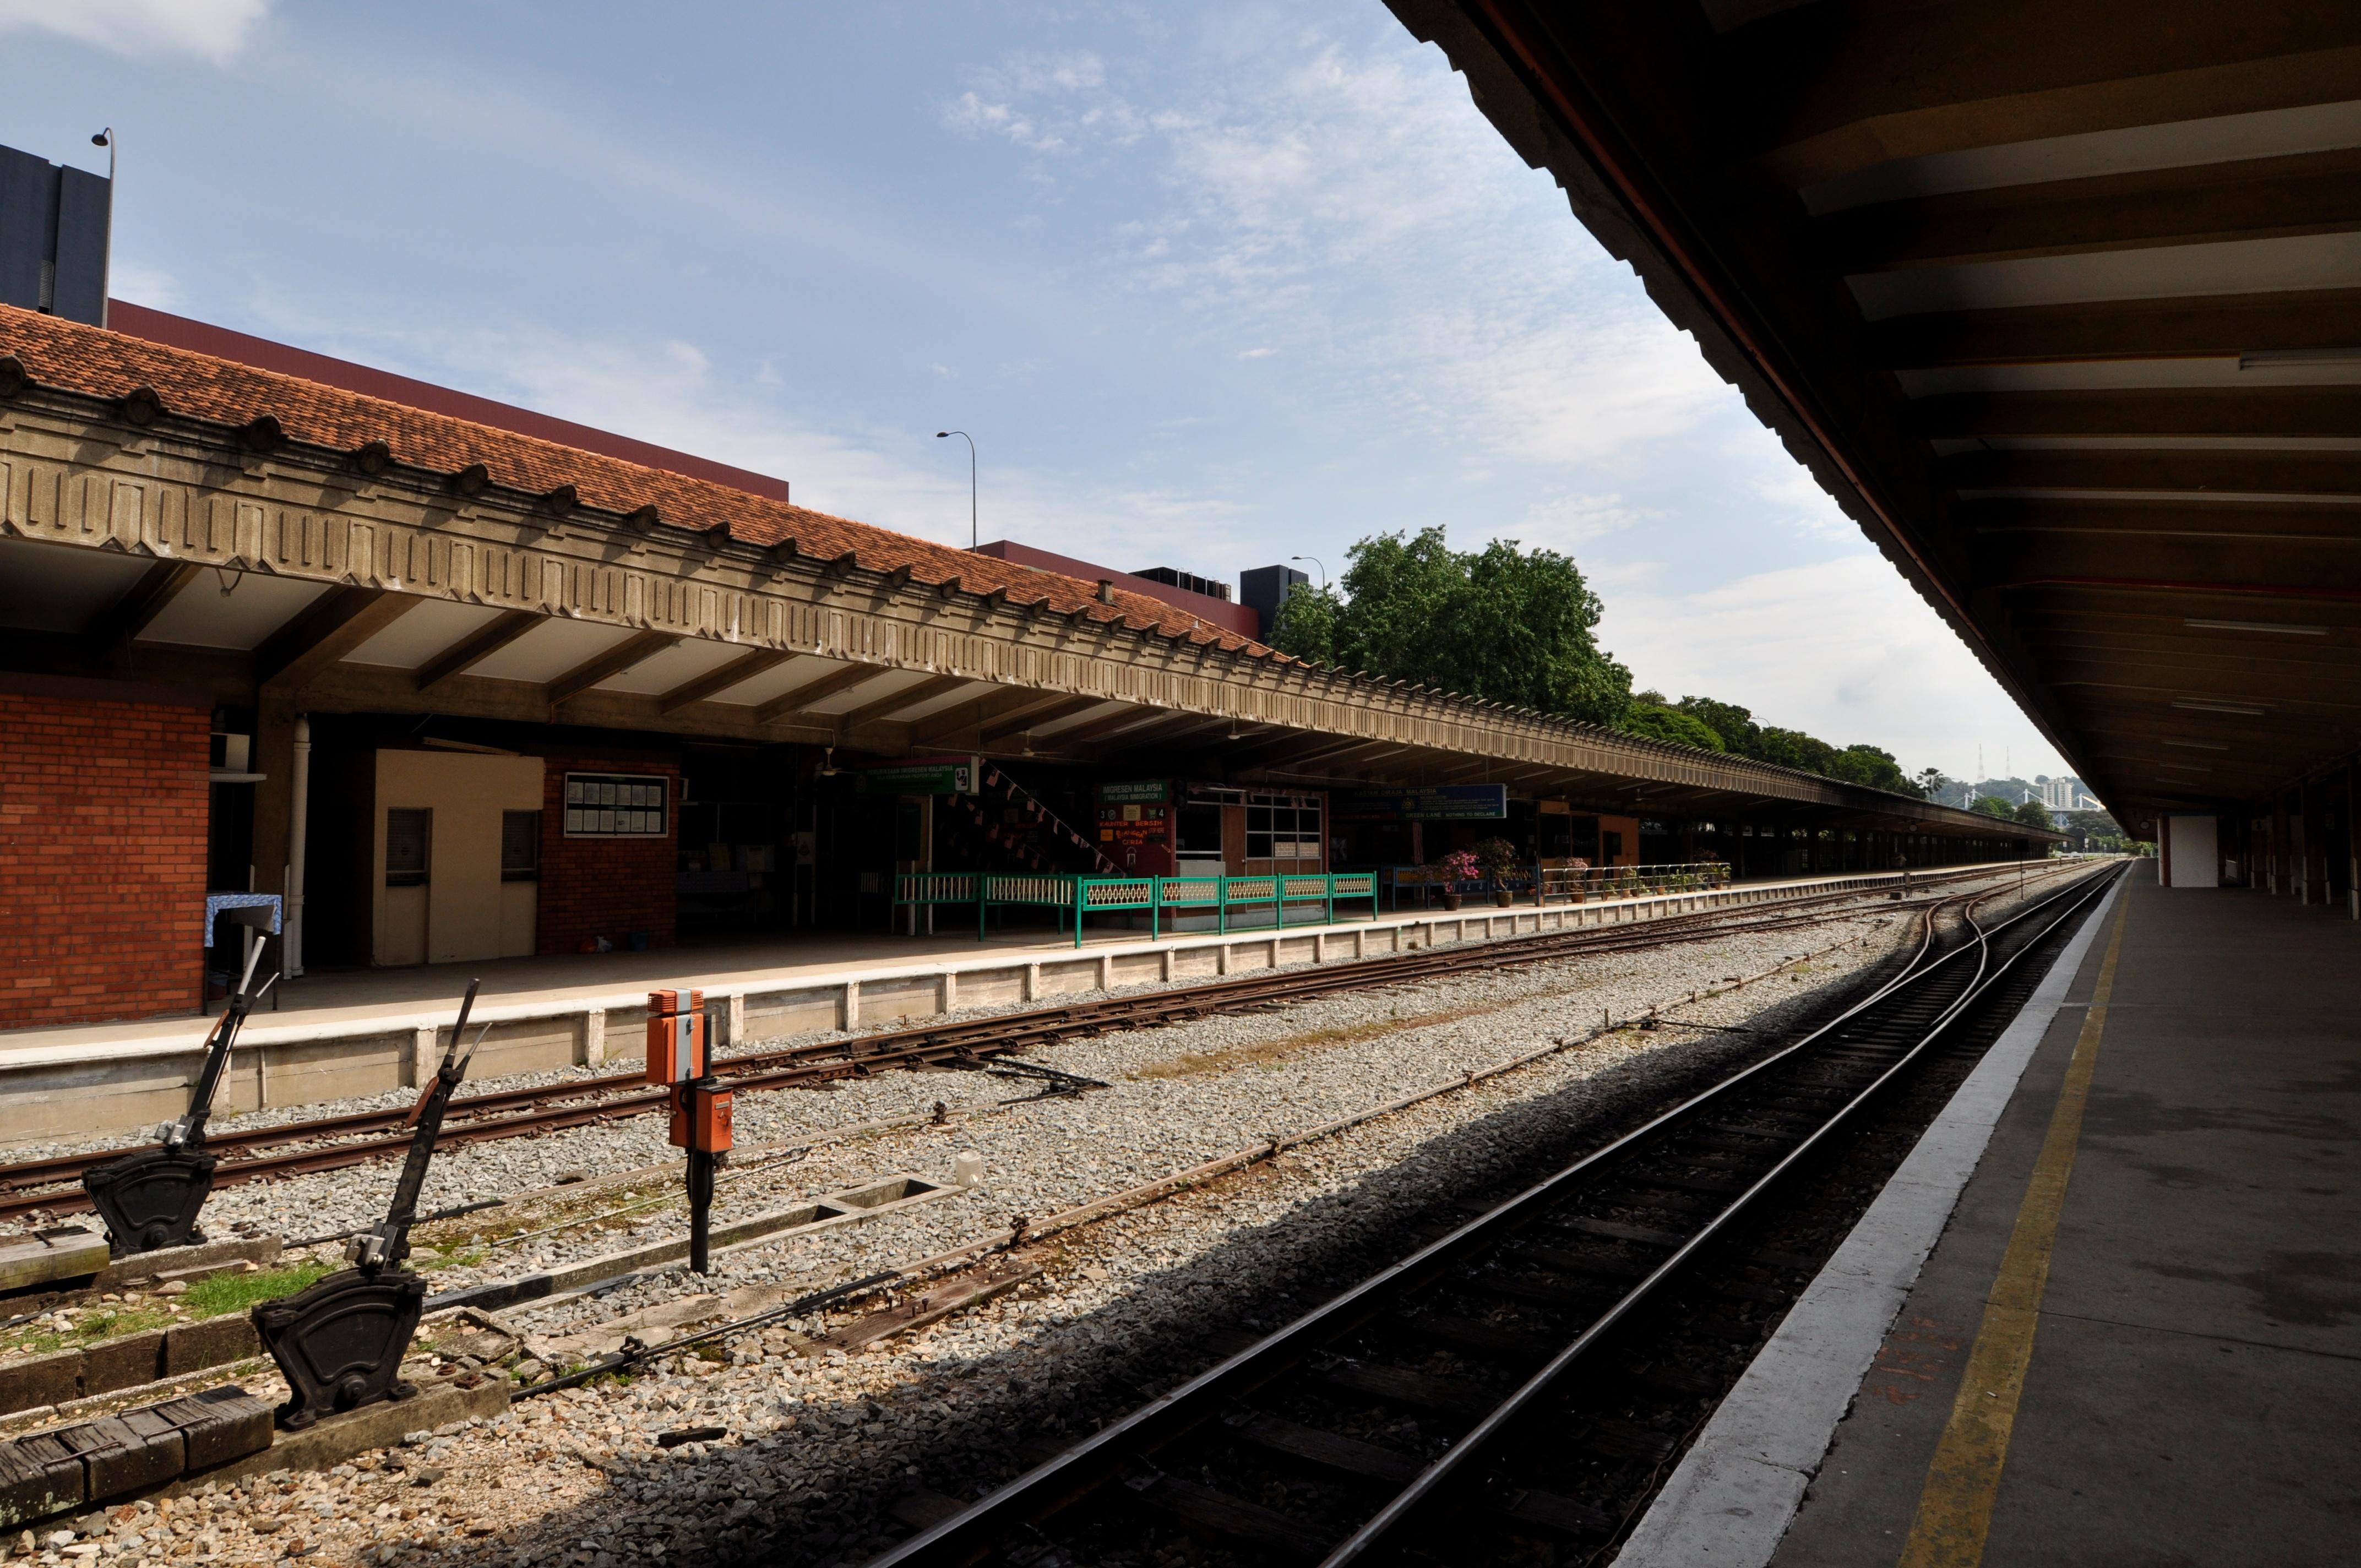 Opinions on tanjong pagar railway station